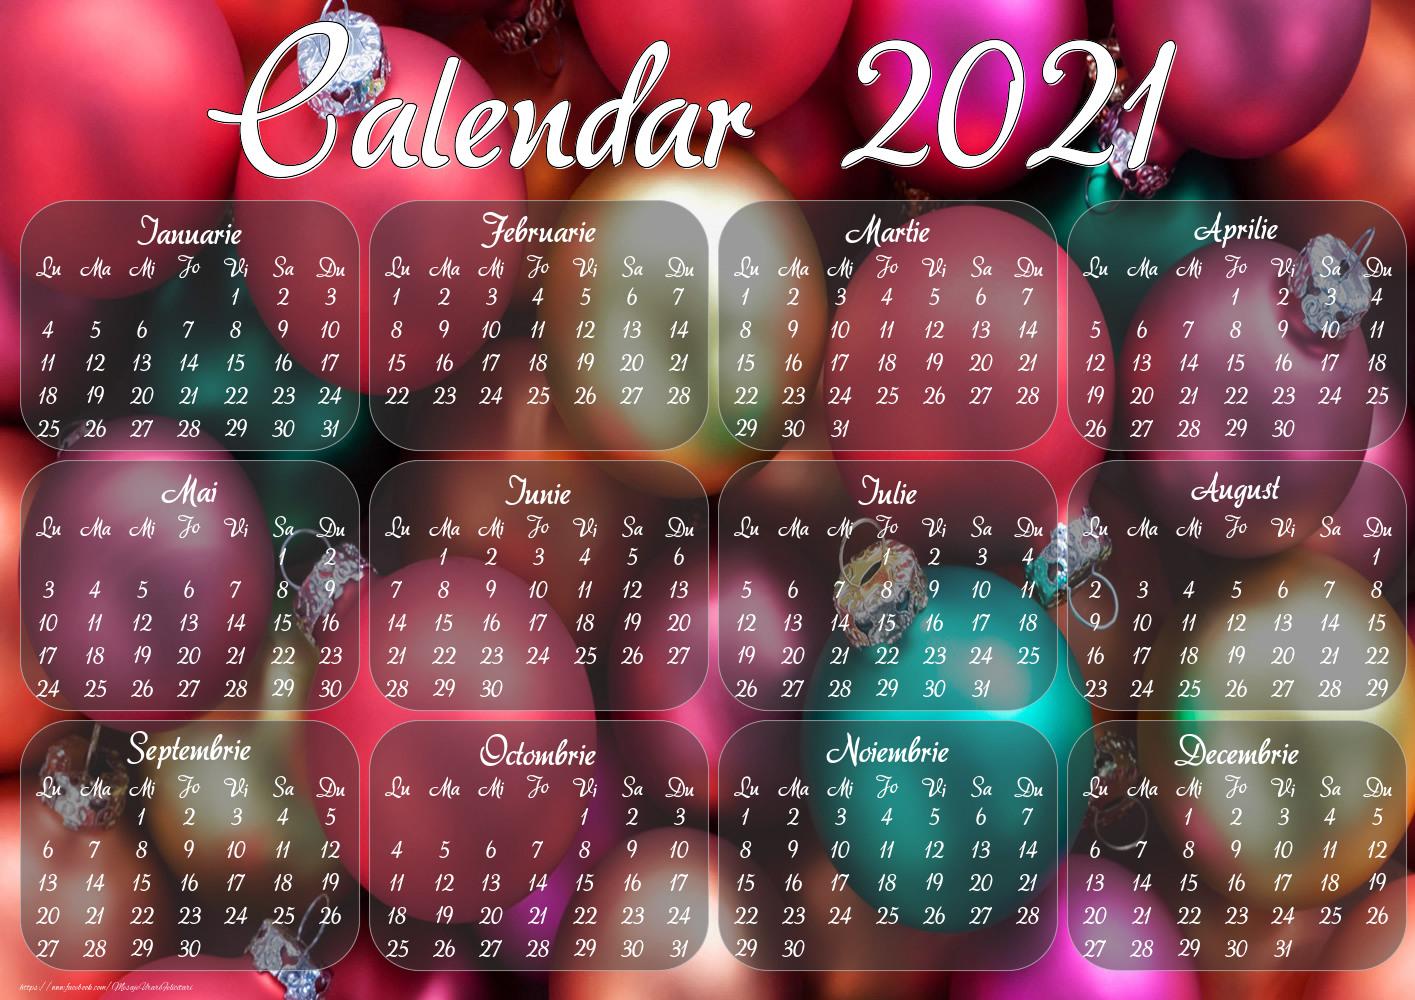 Imagini cu calendare - Globuri de Craciun - Model 2